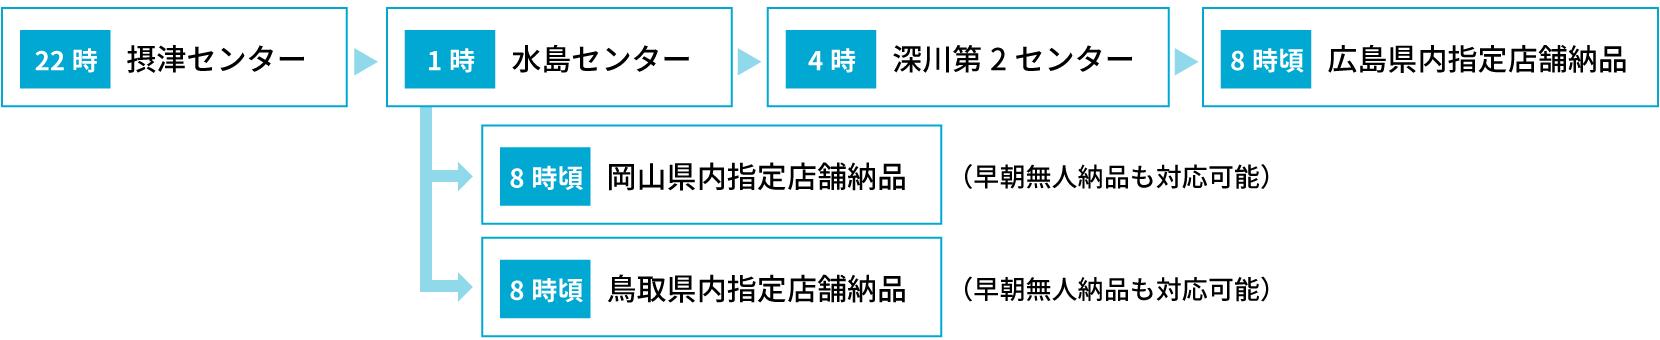 大阪府から岡山県内・鳥取県内・広島県内の外食チェーン系指定店舗へ商品を送り込みたい場合の運行フロー